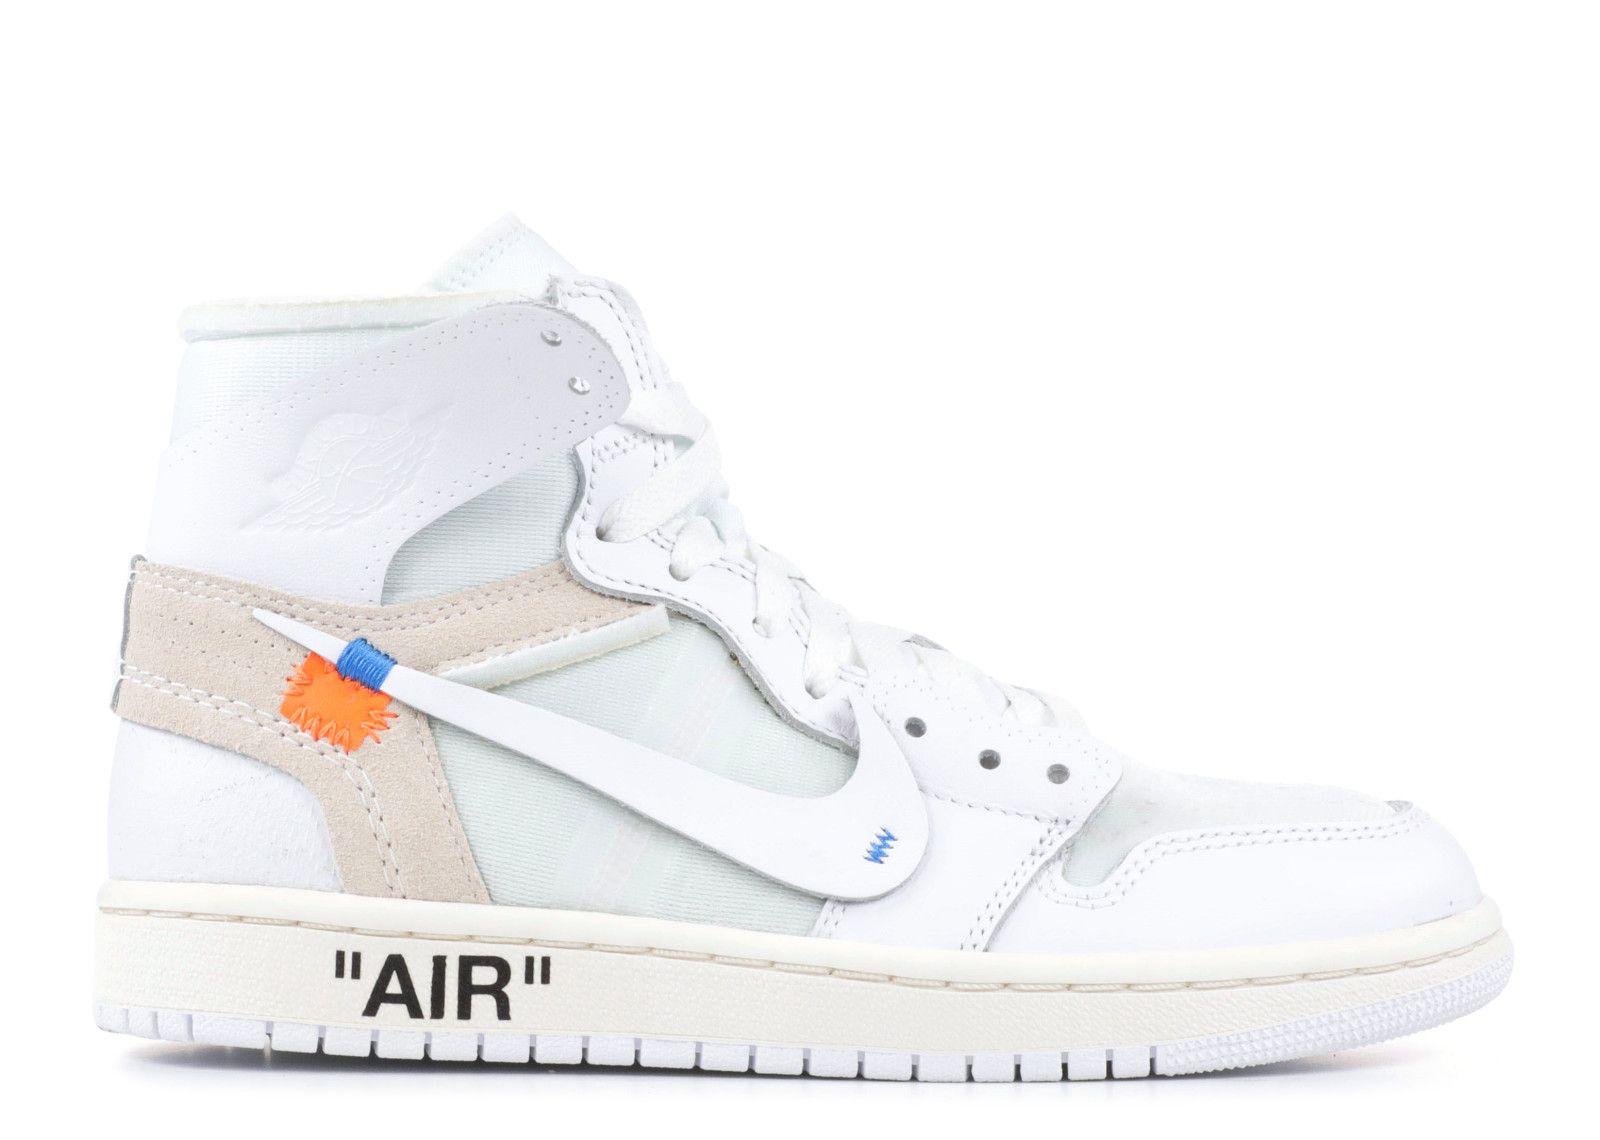 d2eb0c2823e Air jordan 1x off-white nrg